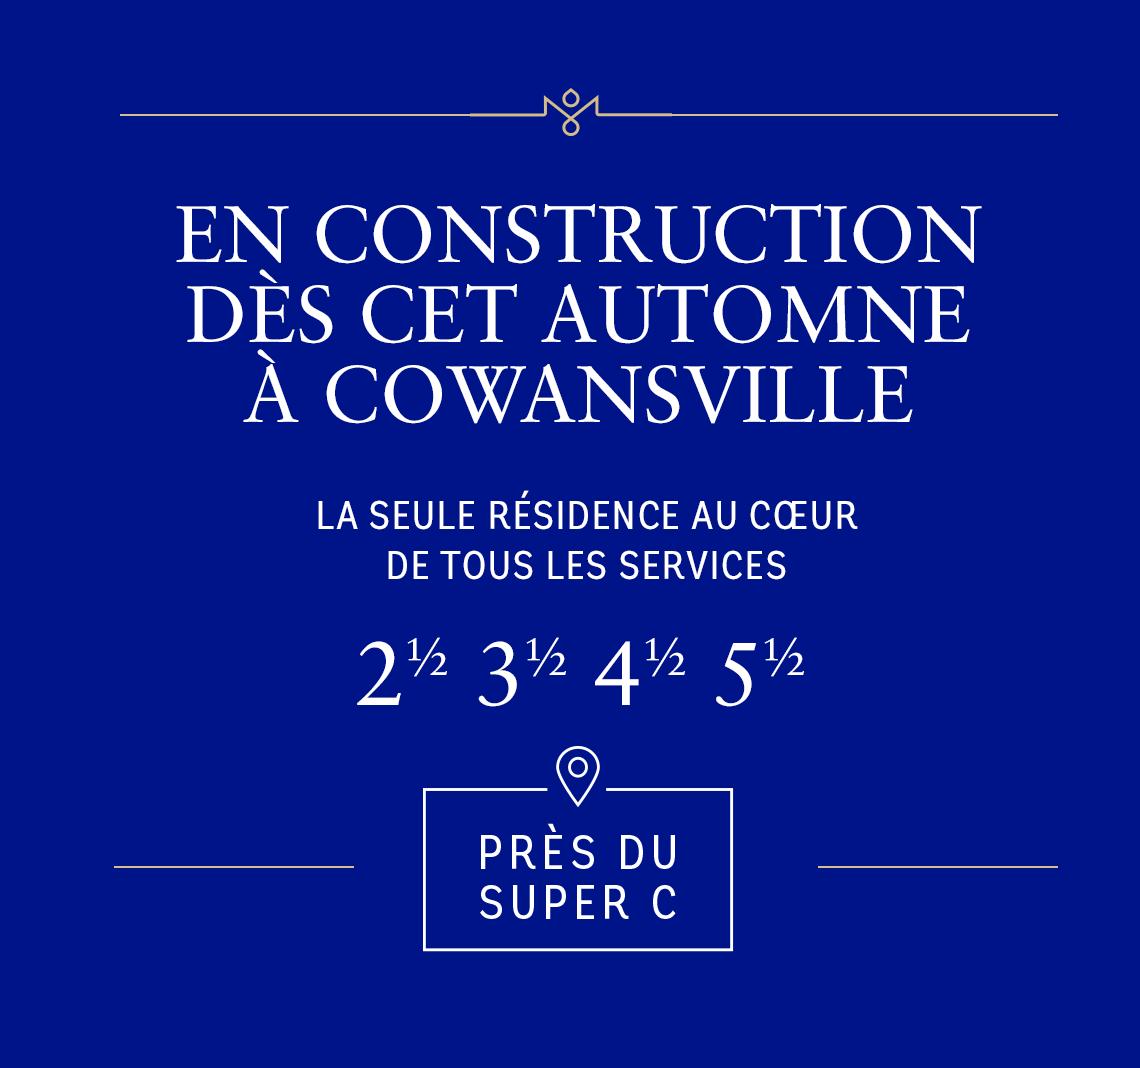 En construction dès cet automne à Cowansville